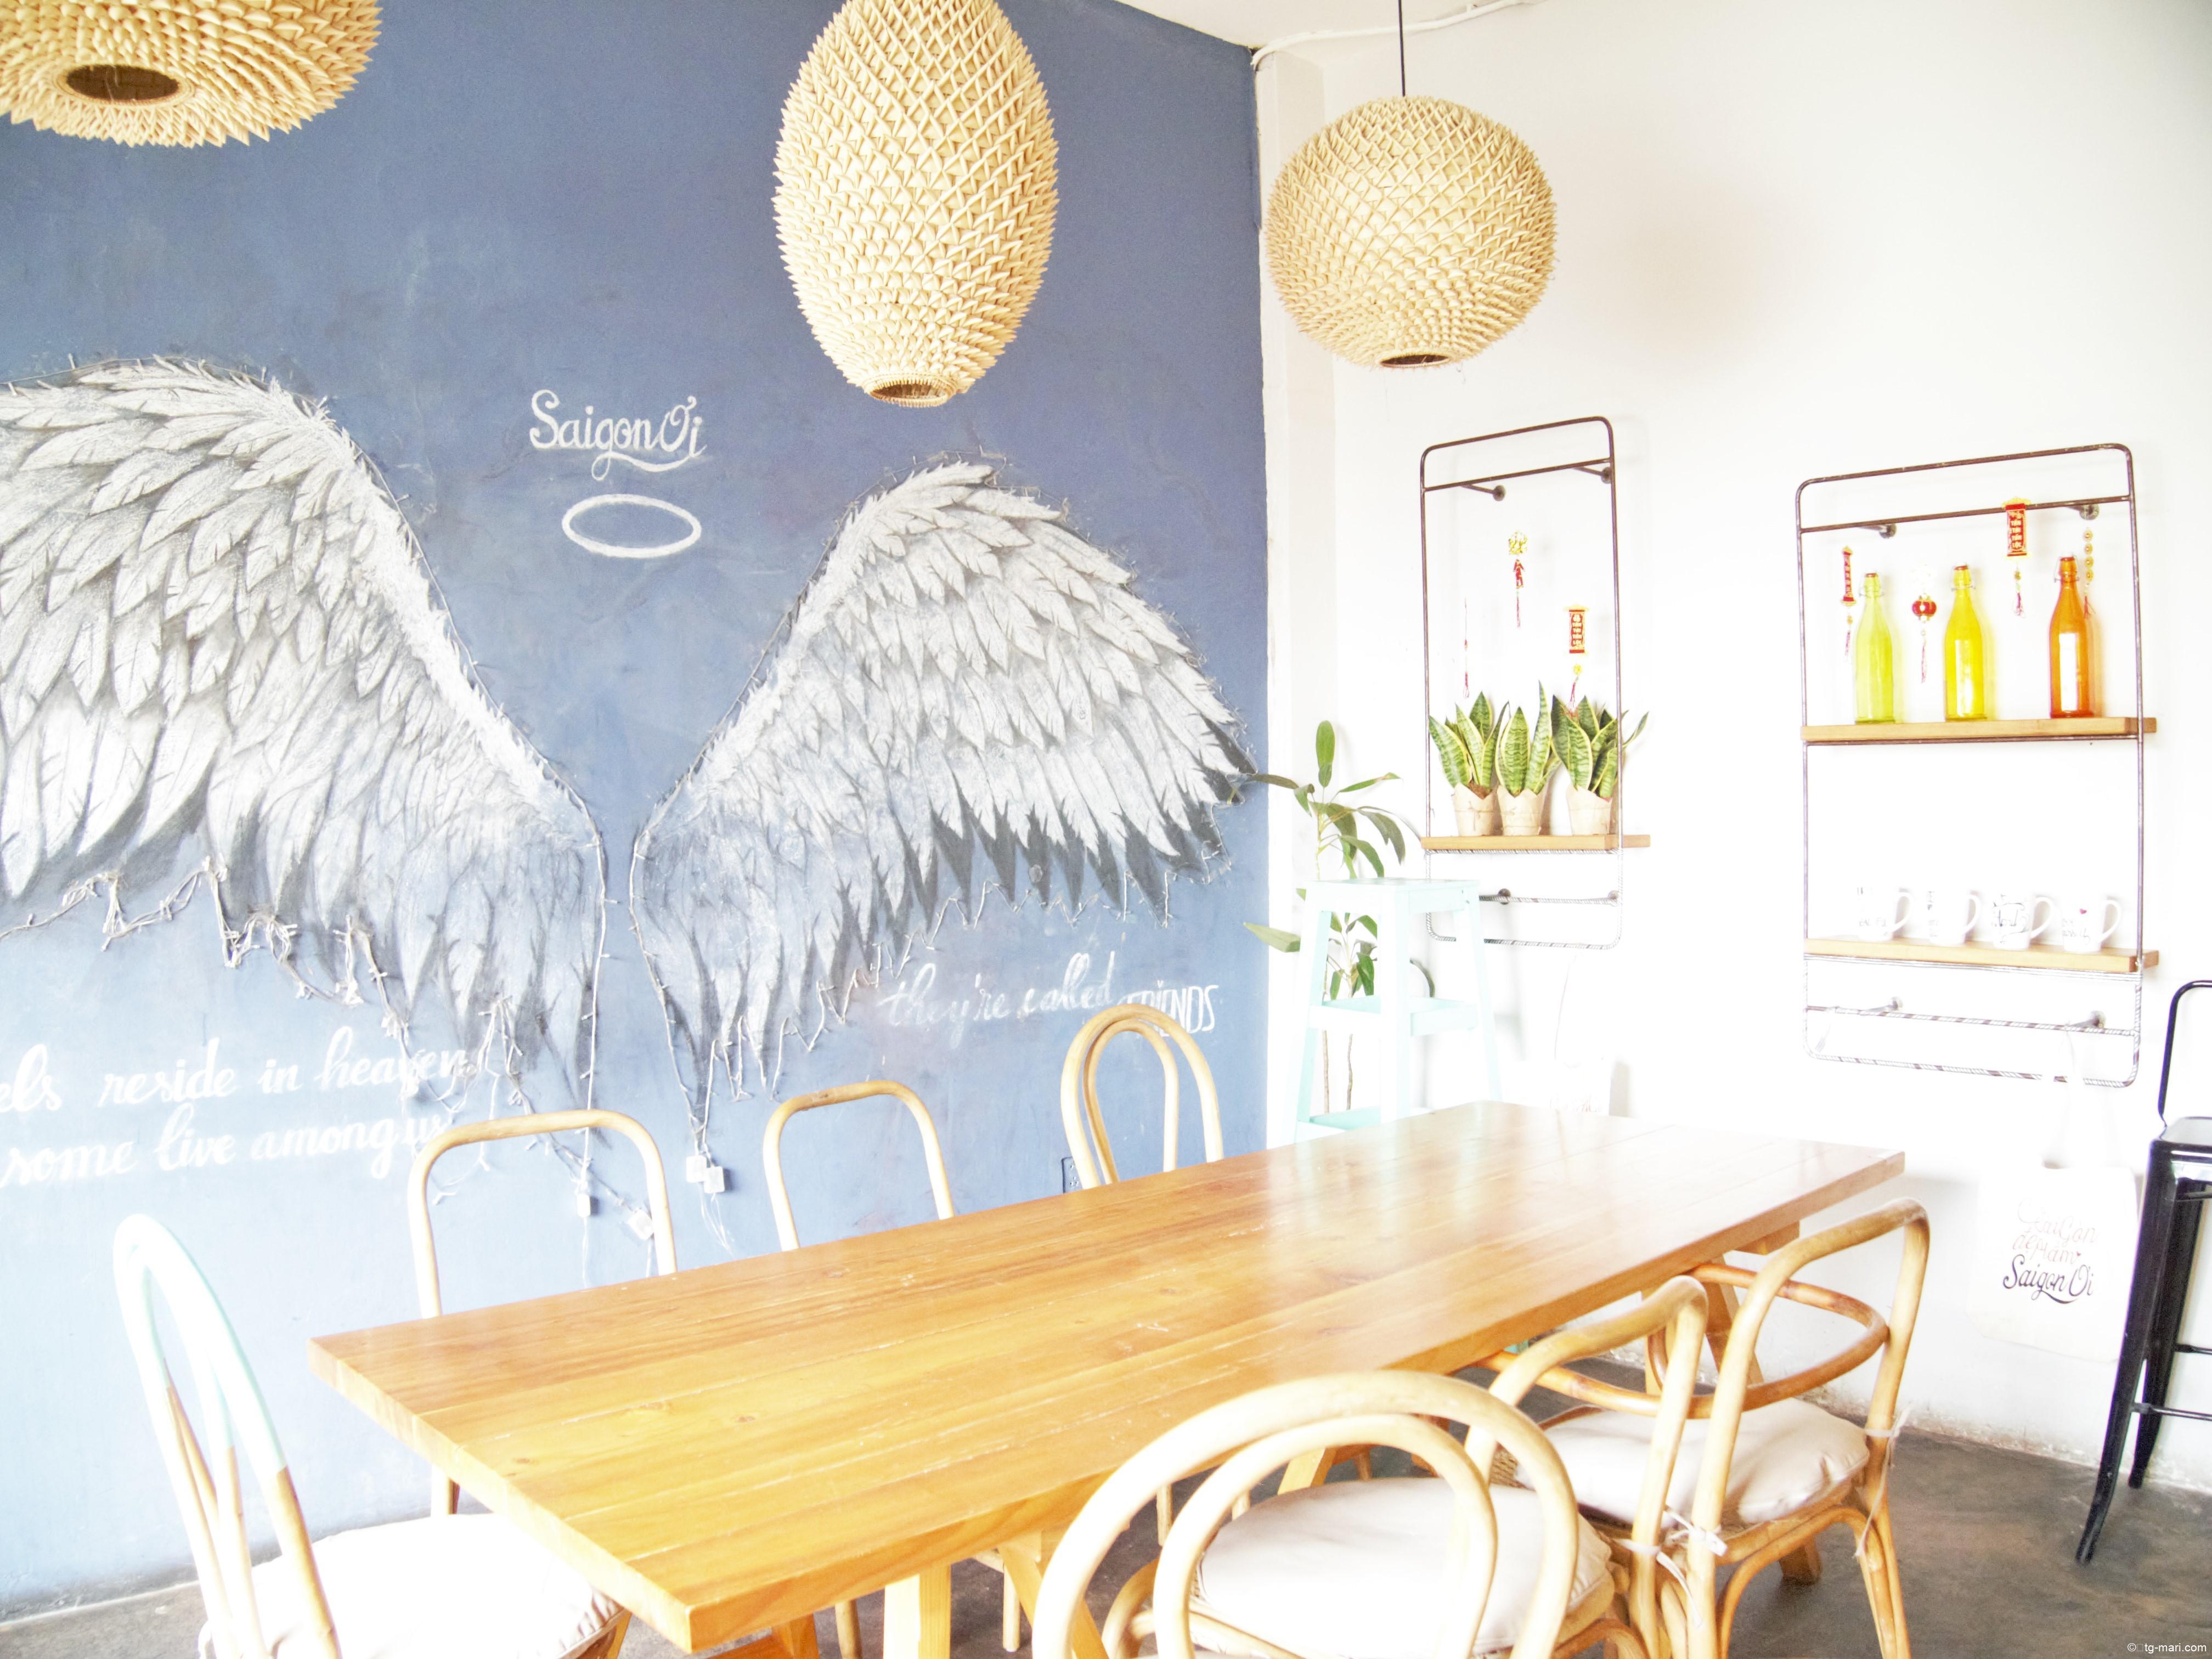 ホーチミンのカフェ「サイゴン・オーイ」